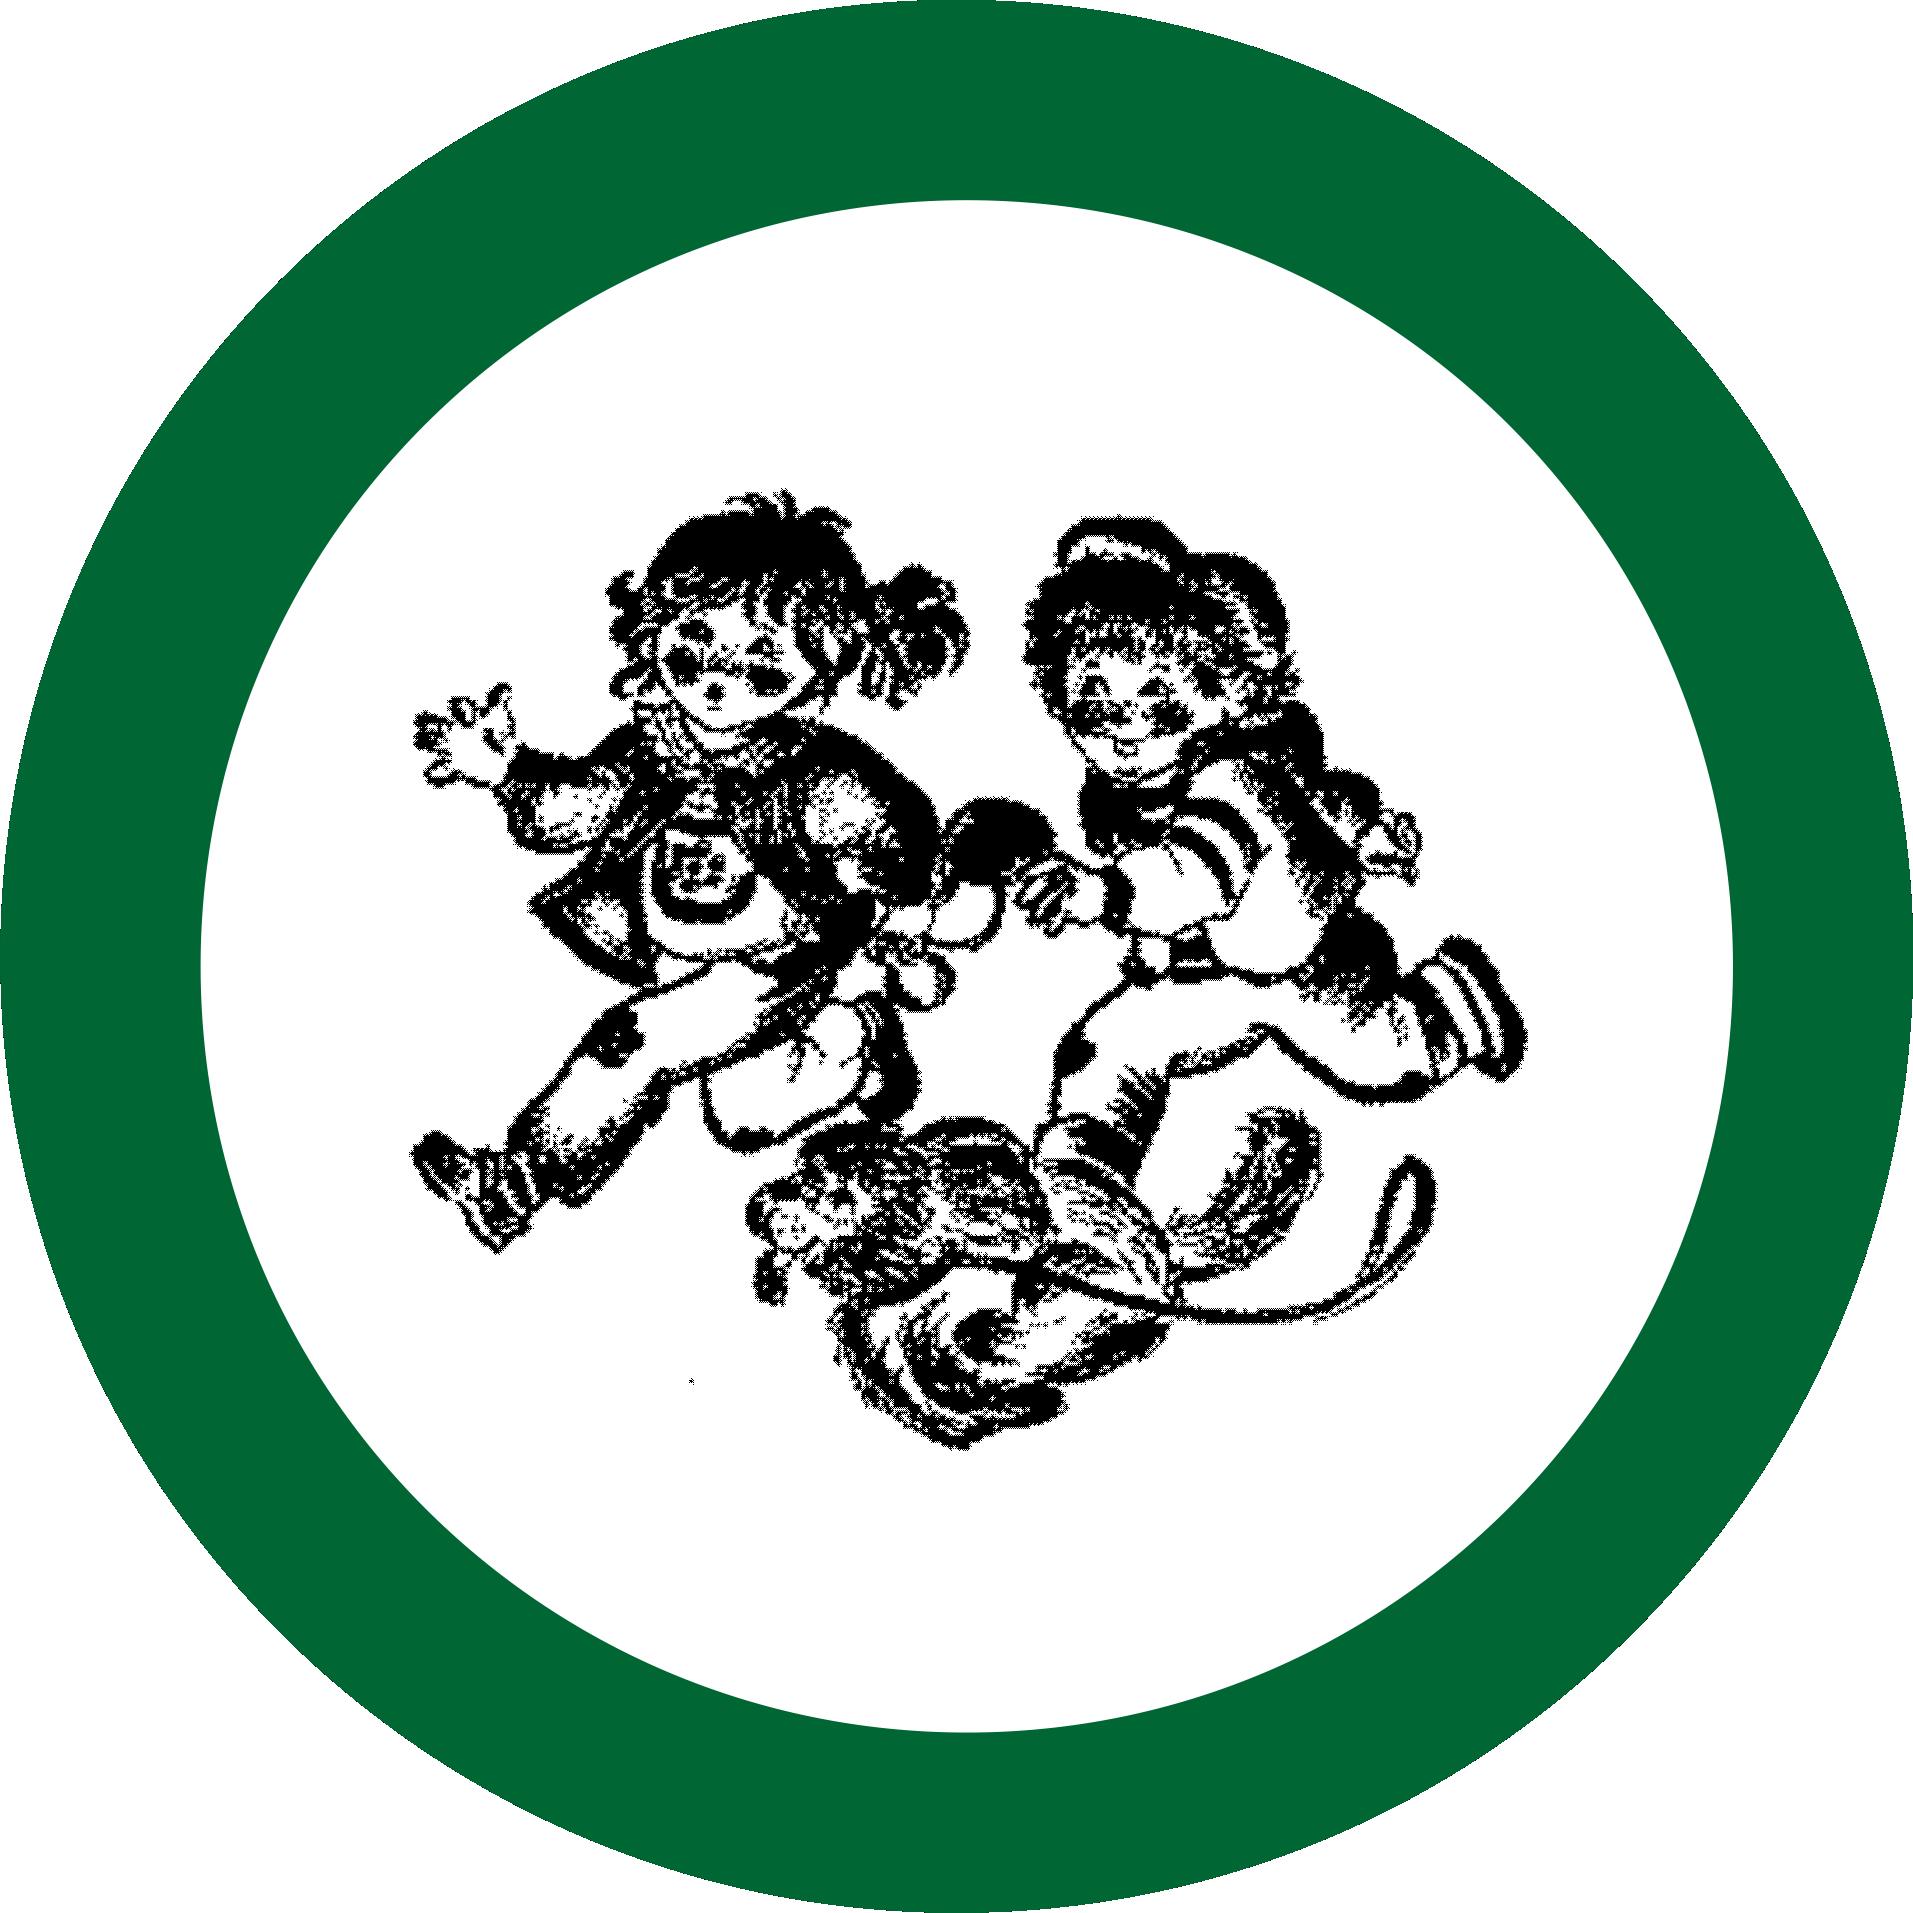 beim Krauth Logo laufende Kinder mit Hund in einem grünen Kreis